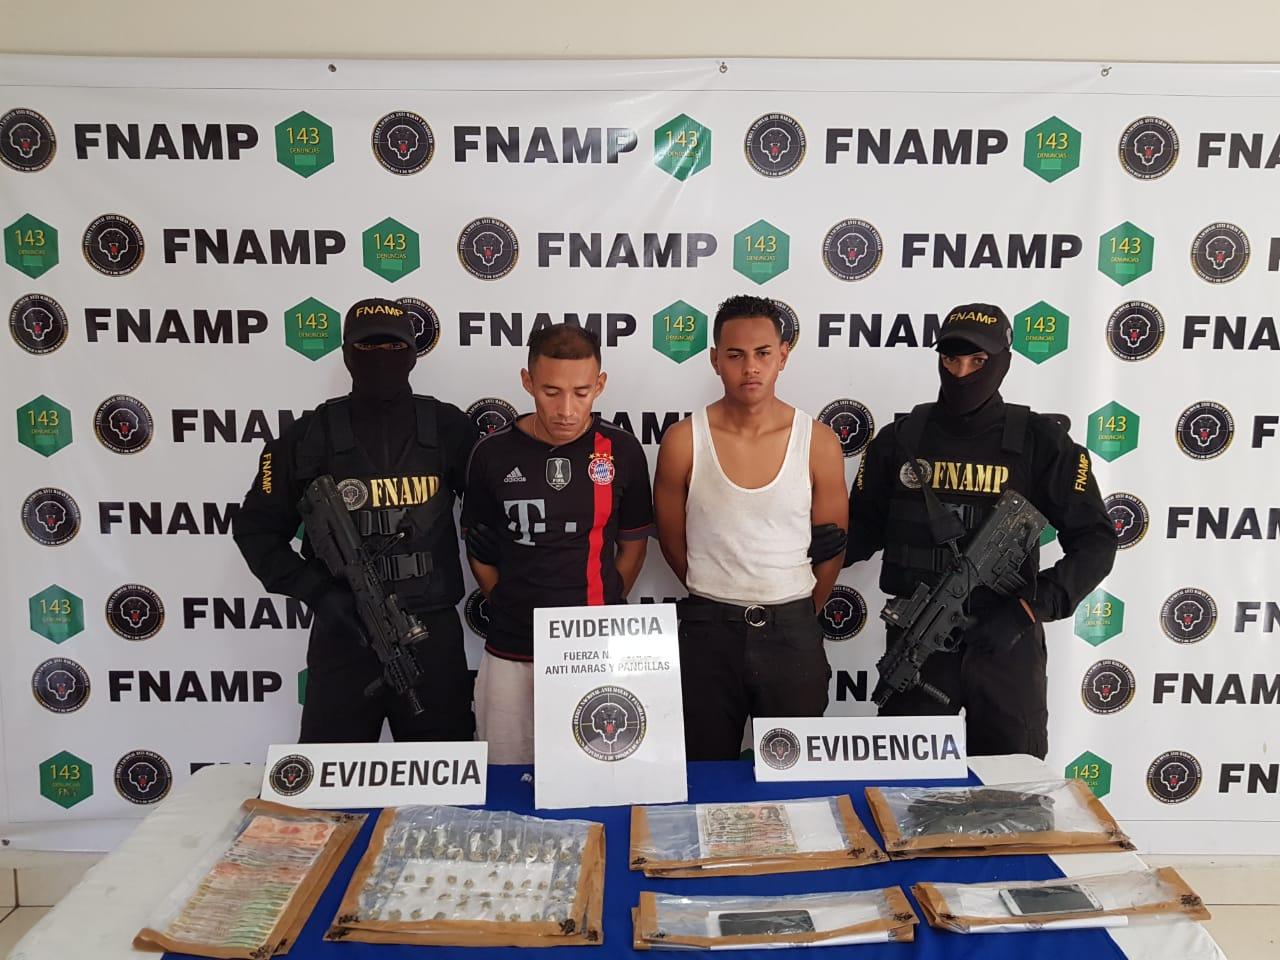 Se logra la captura de dos miembros de la Pandilla 18 dedicados a la venta y distribución de drogas